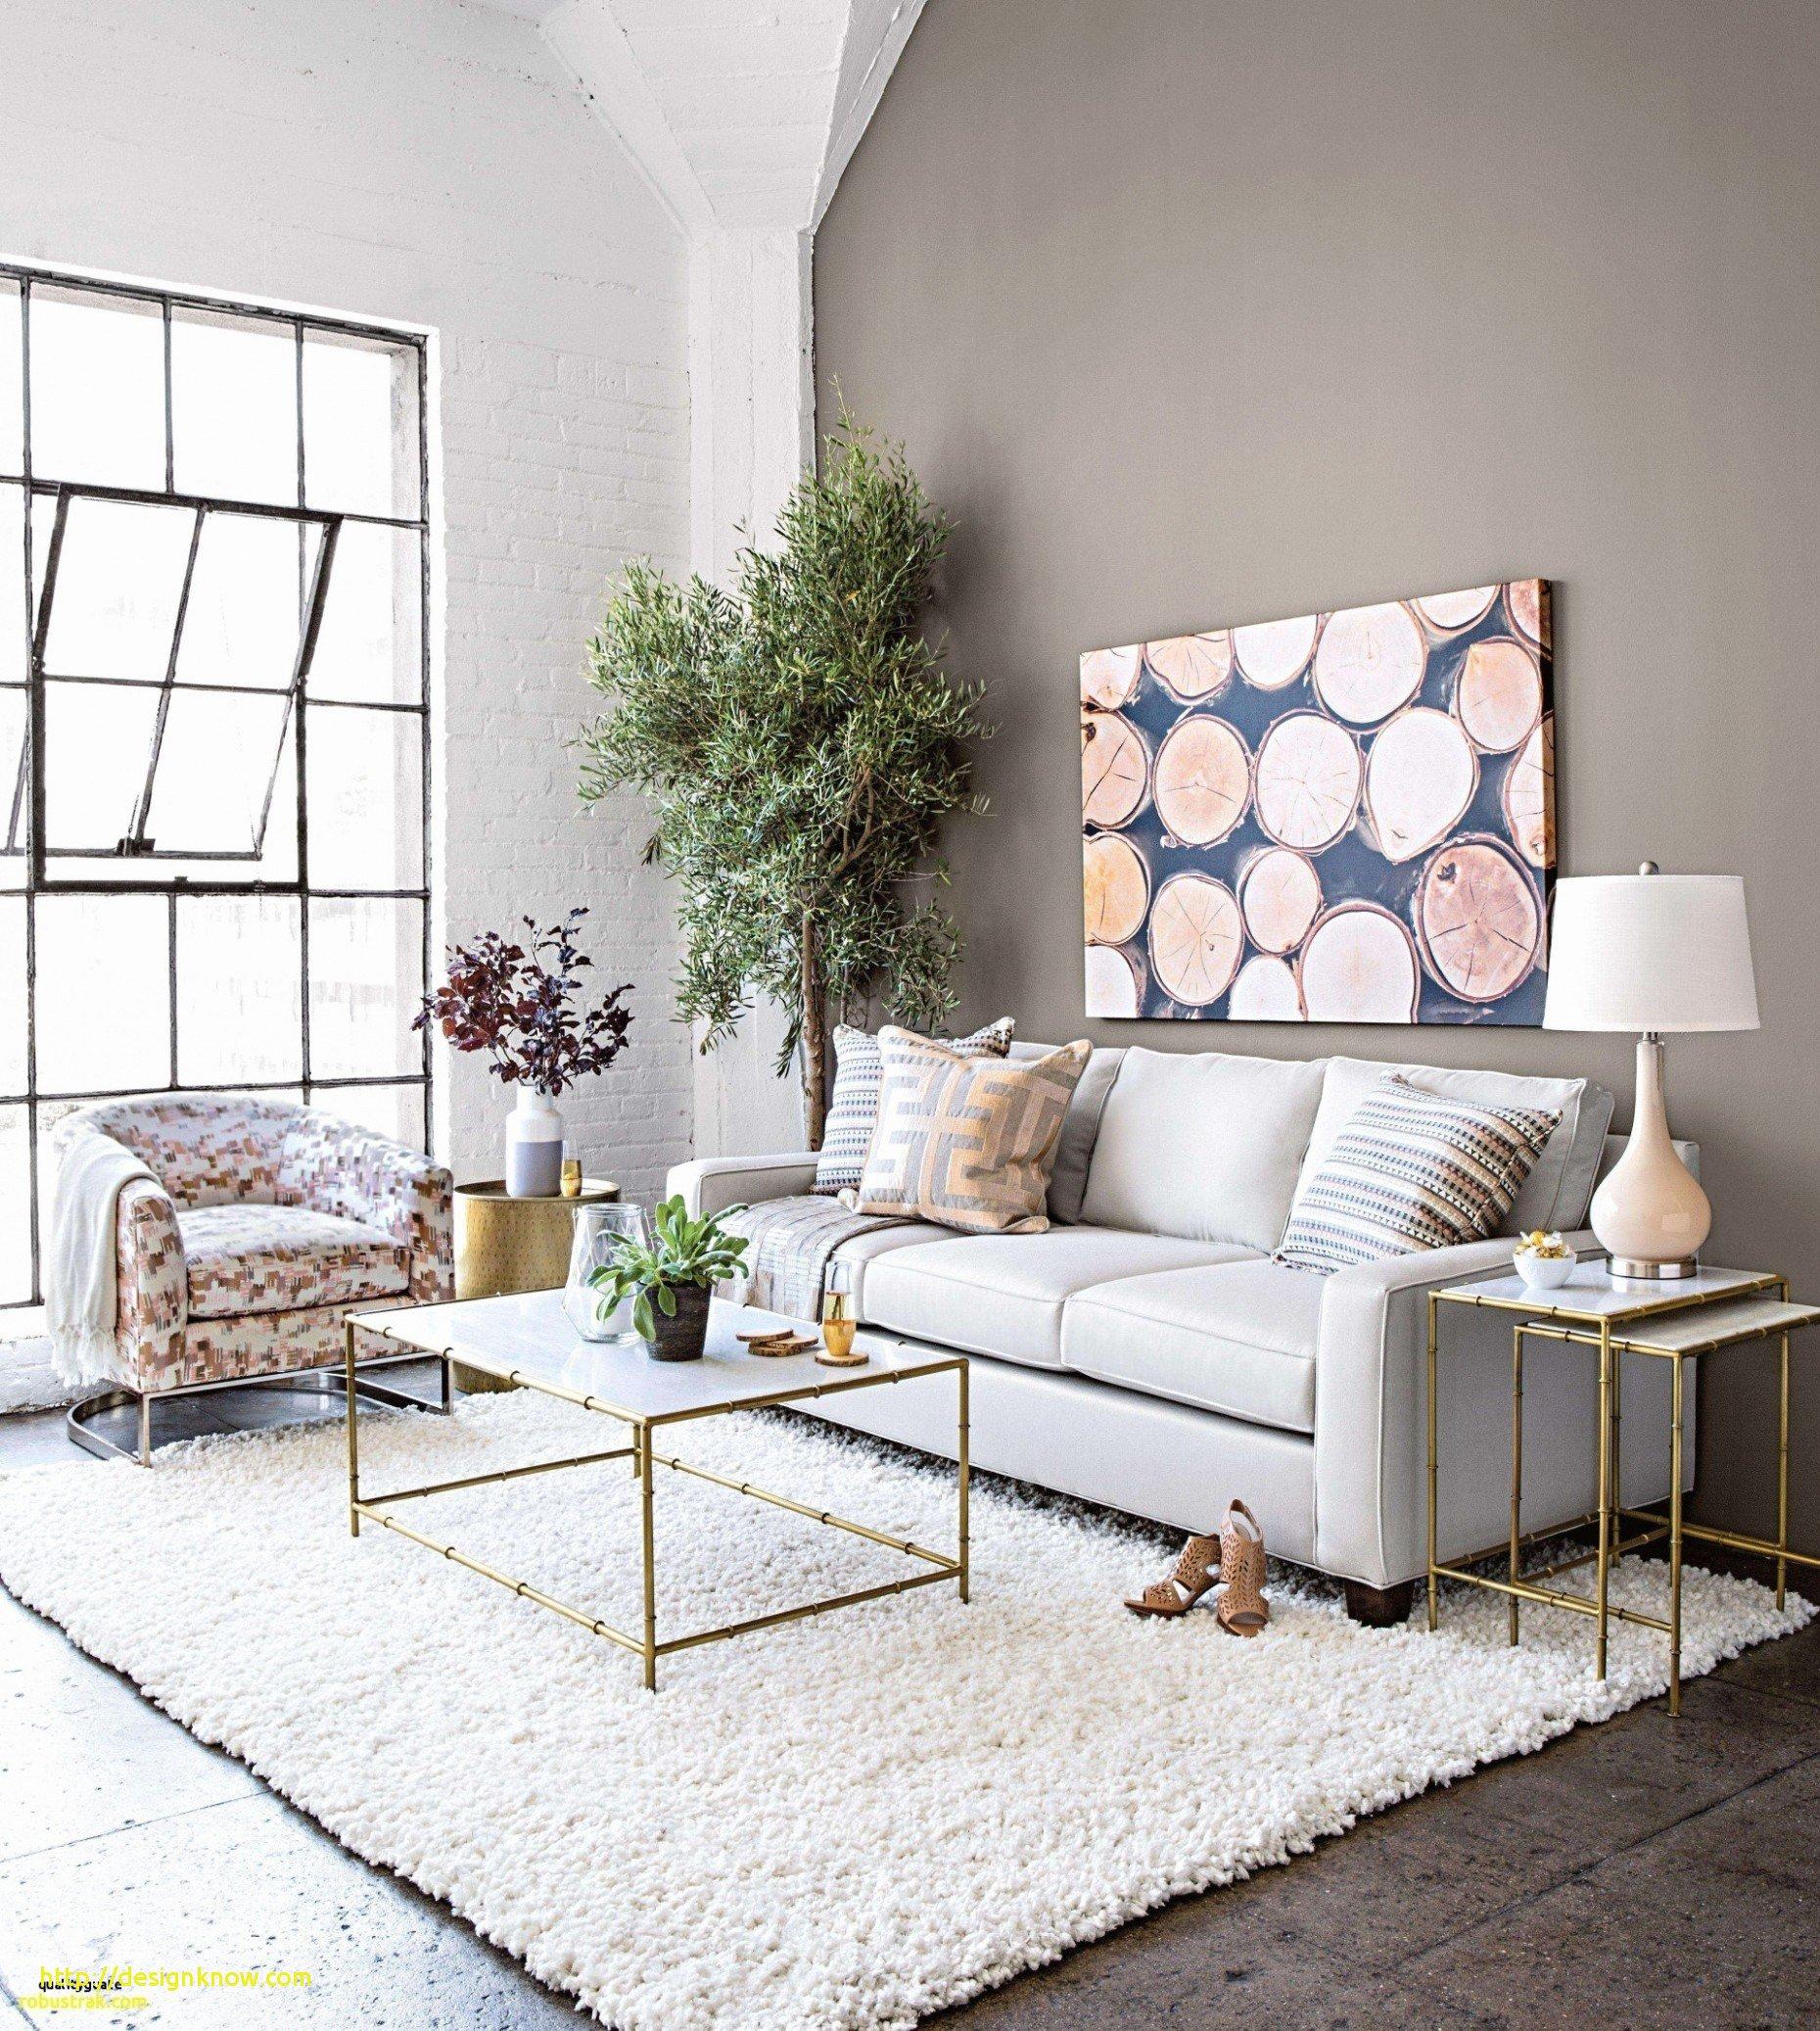 Small Bedroom Decorating Ideas Elegant Elegant Interior Design Blogs for Small Spaces